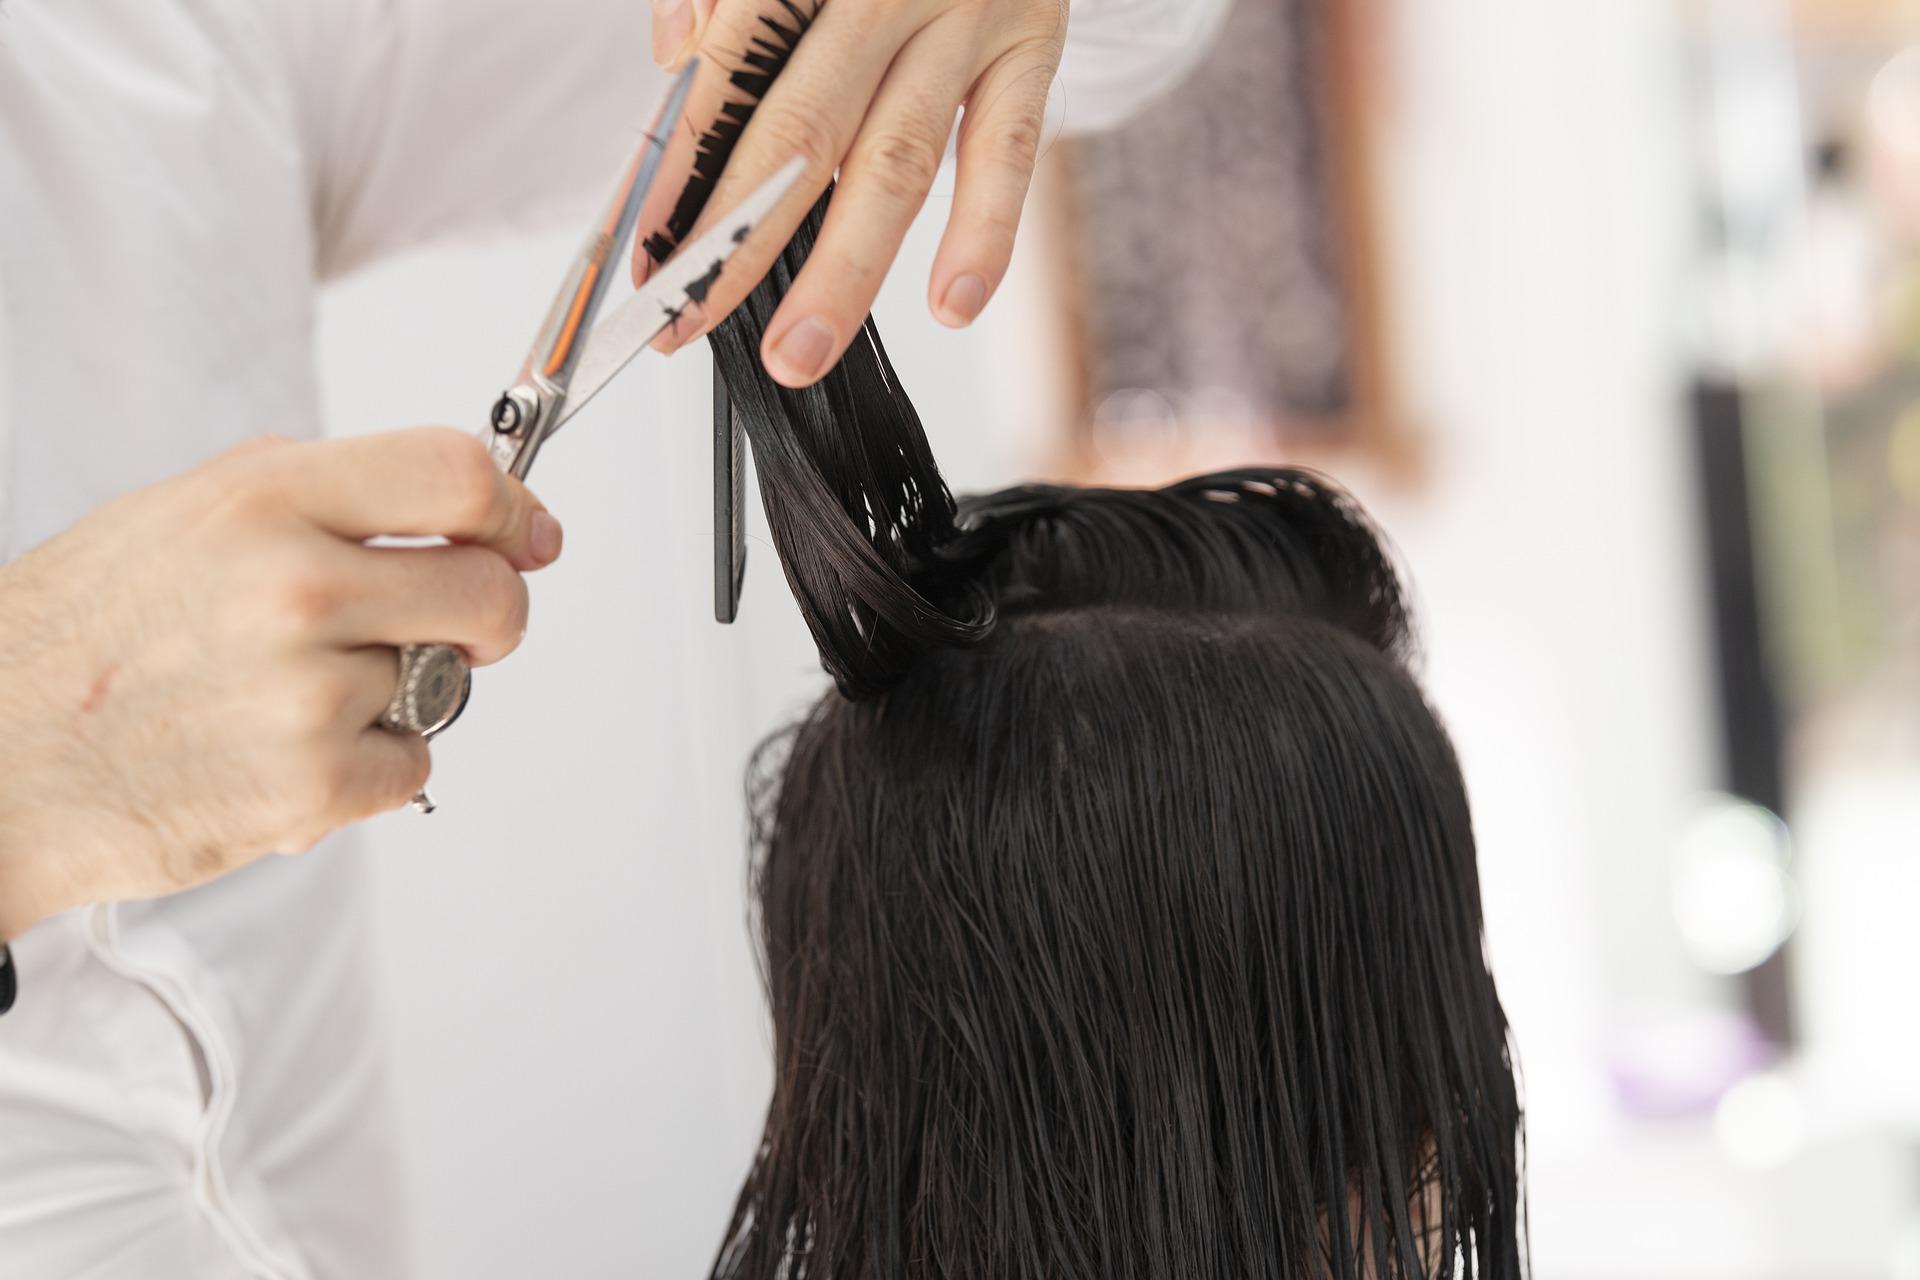 hairdresser-4682912_1920.jpg